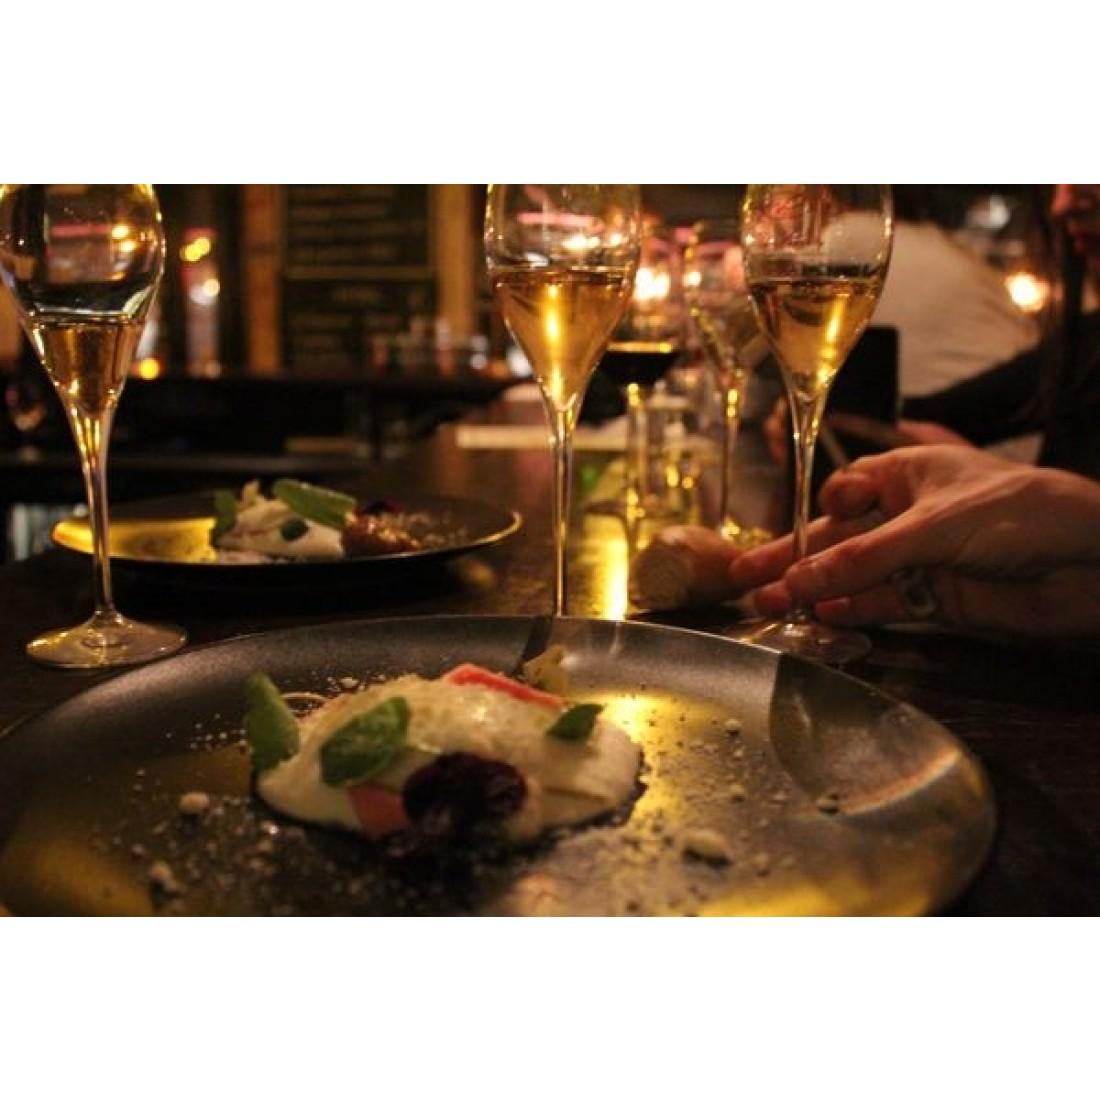 Champagnemiddag på Vesterbro Vinstue Tirsdag den 17 september kl. 18.30-31